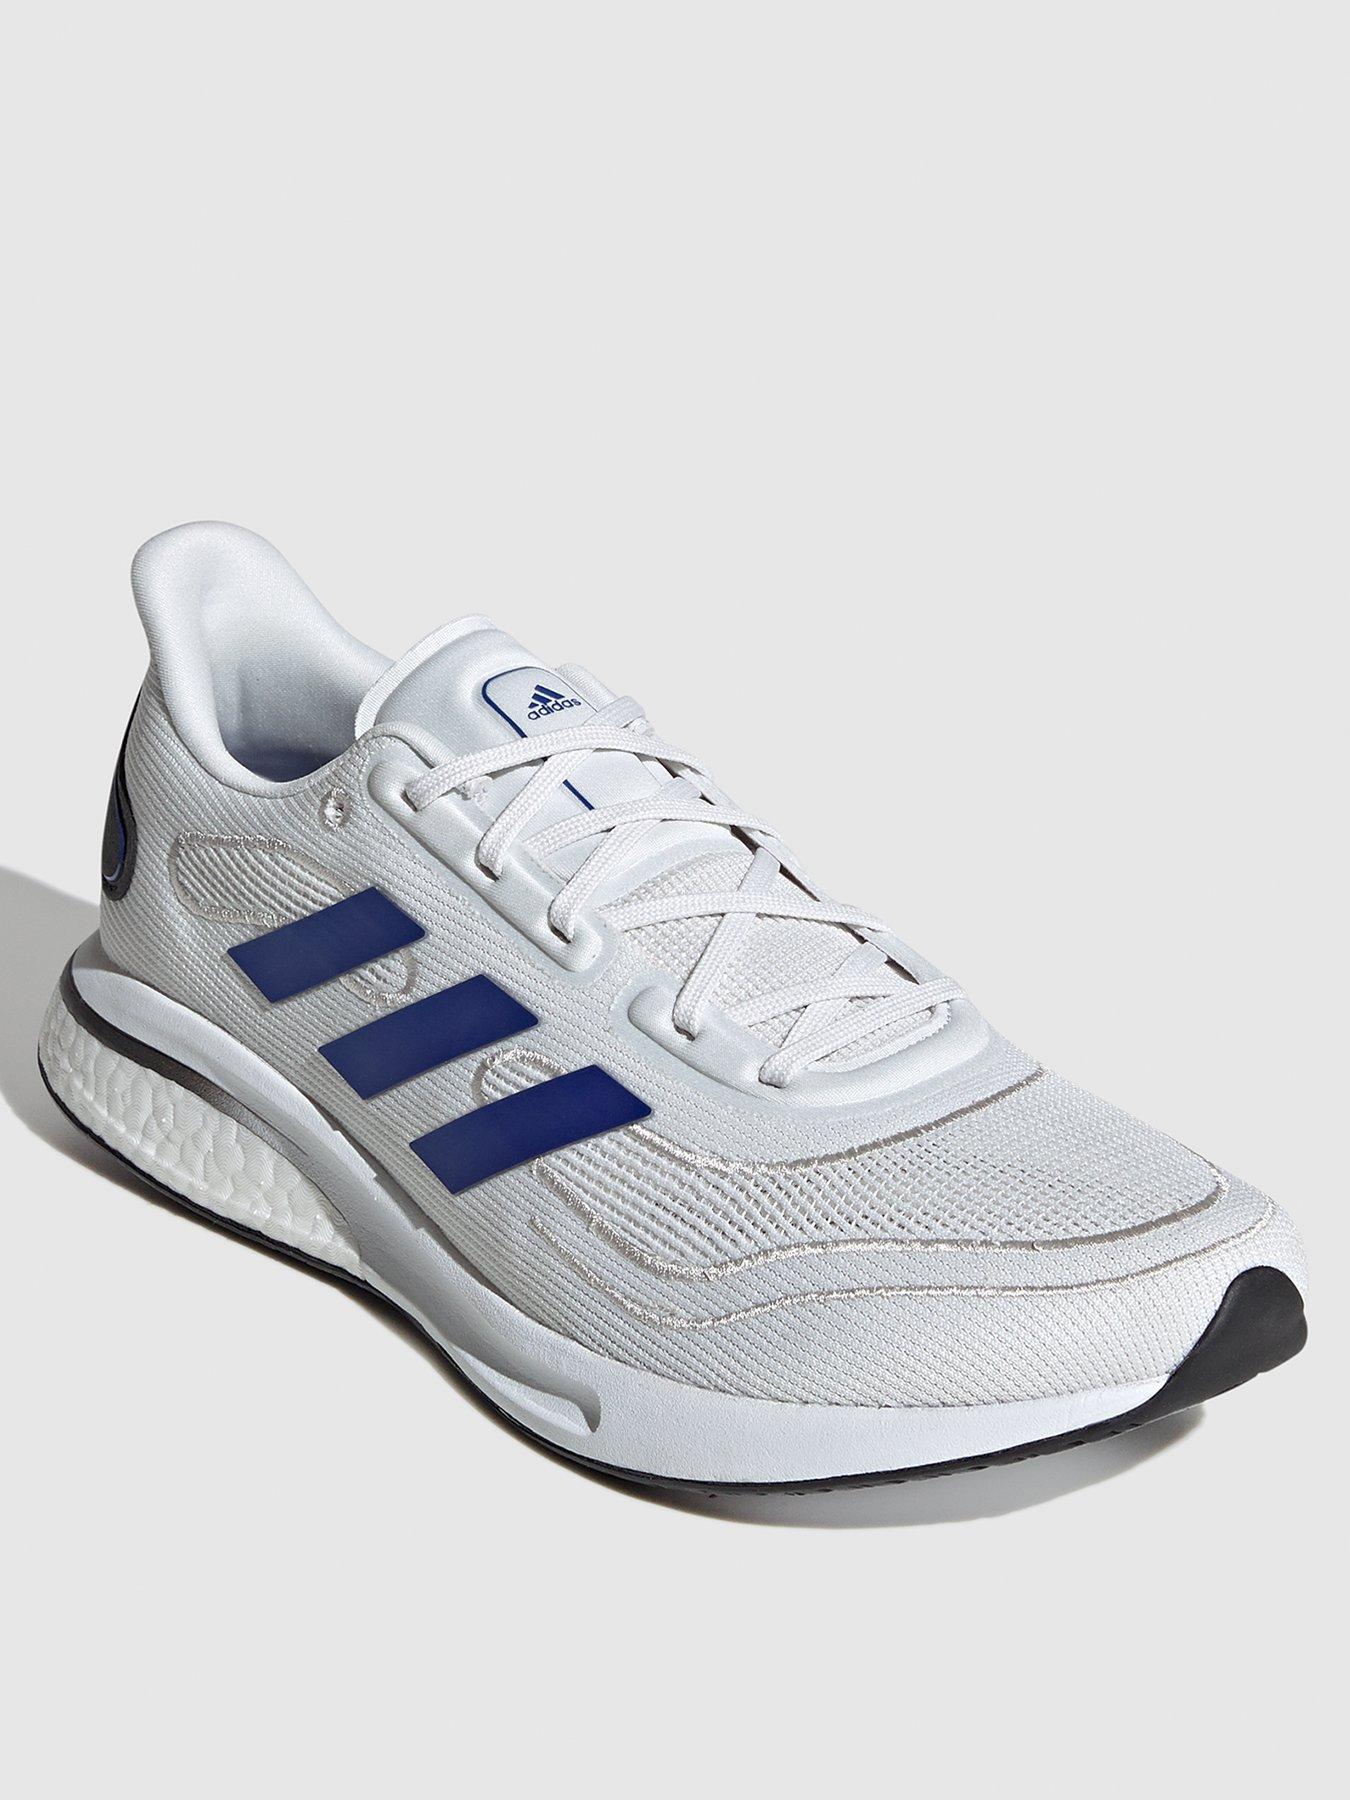 Mens adidas Trainers   adidas Originals